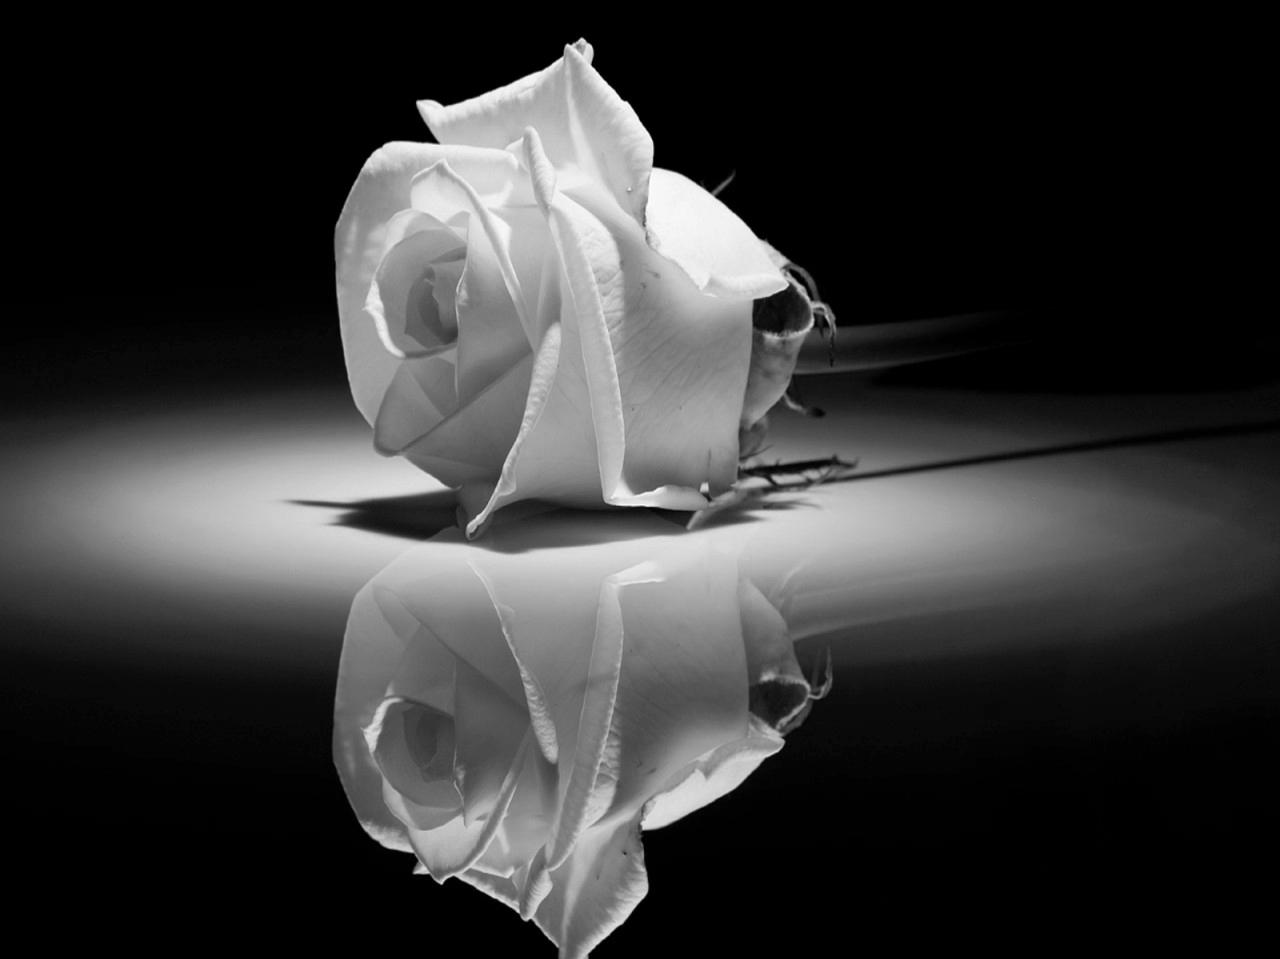 Ο άνθρωπος γερνάει την ημερα που χάνει τη μητέρα του (Paul Claudel)